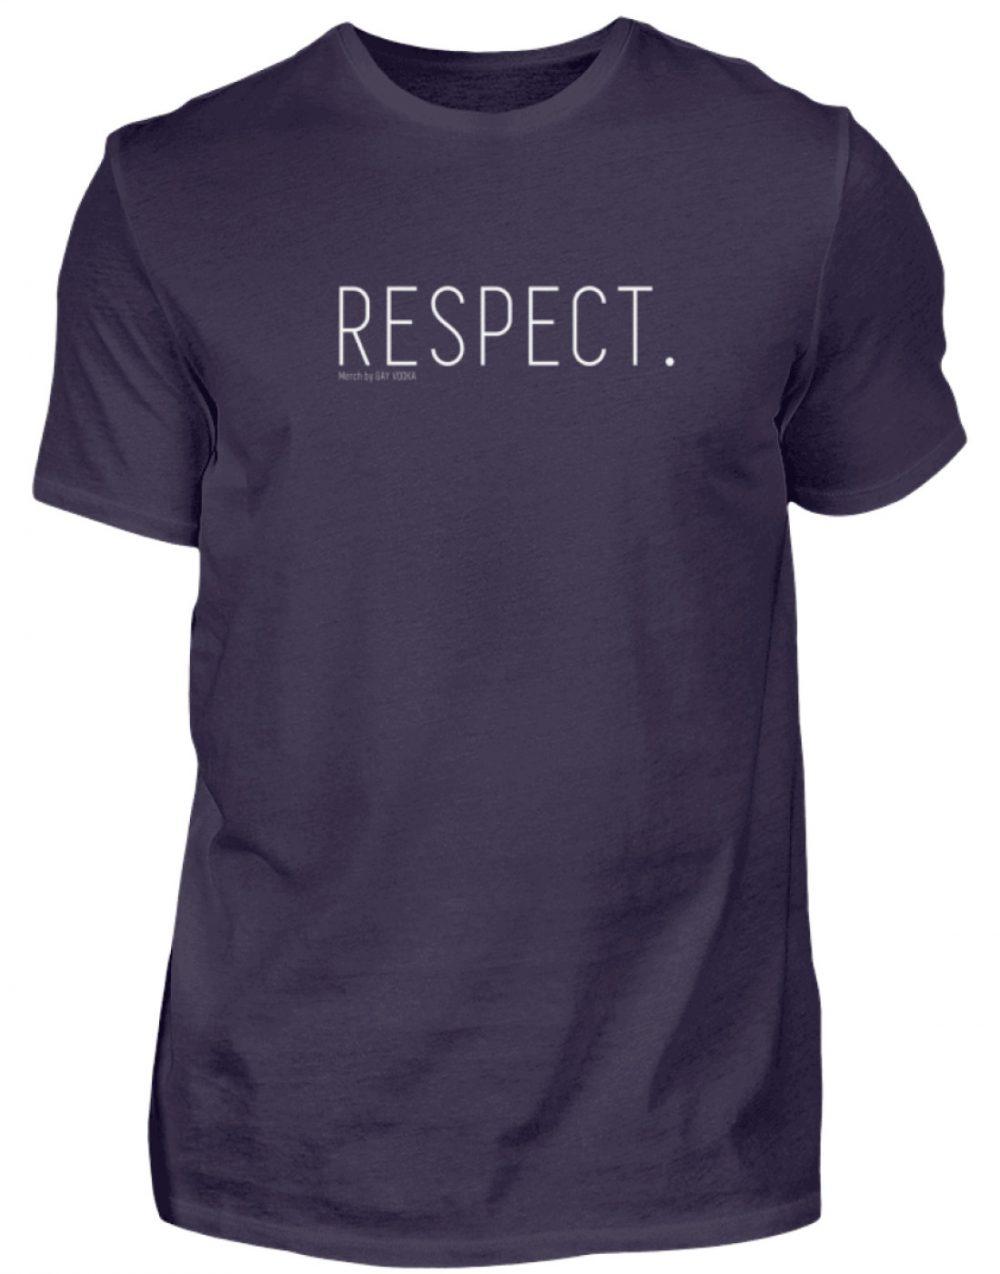 RESPECT. - Herren Premiumshirt-2911